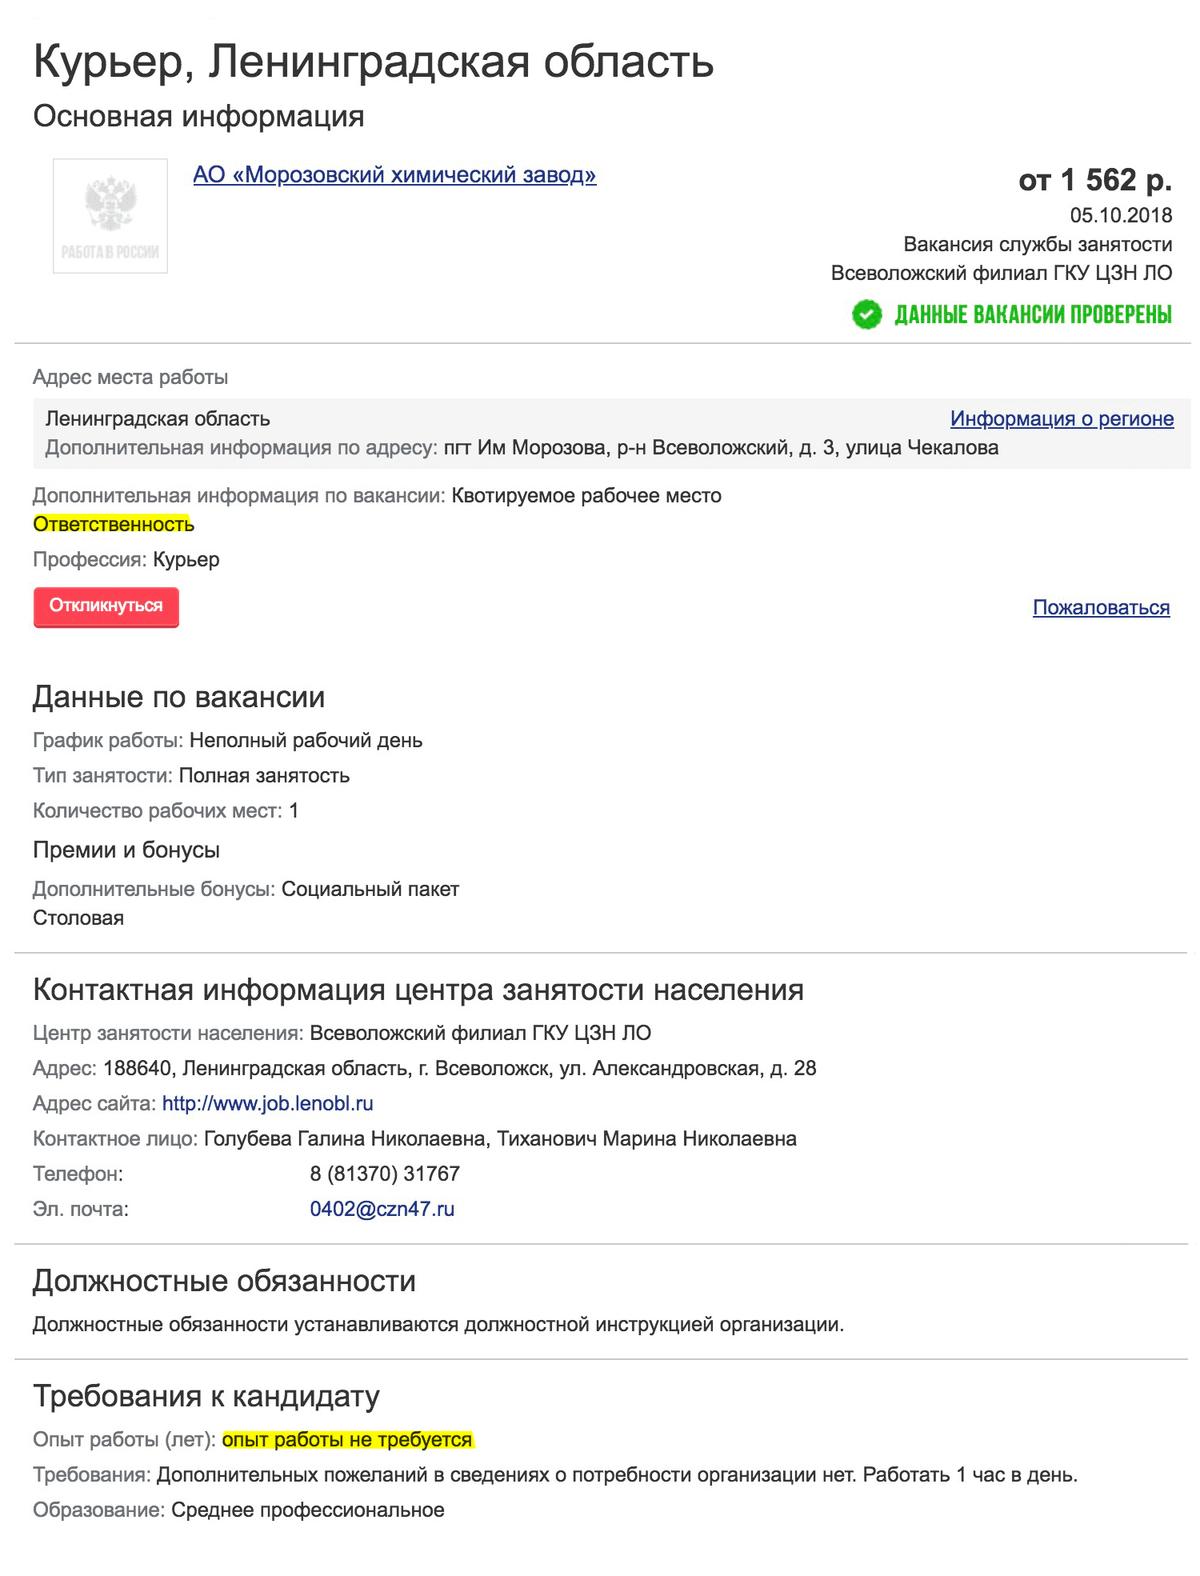 Курьер на один час в день на зарплату 1562<span class=ruble>Р</span> в месяц. Опыт работы не требуется, главное требование — ответственность. Вакансия с сайта «Работа в России»